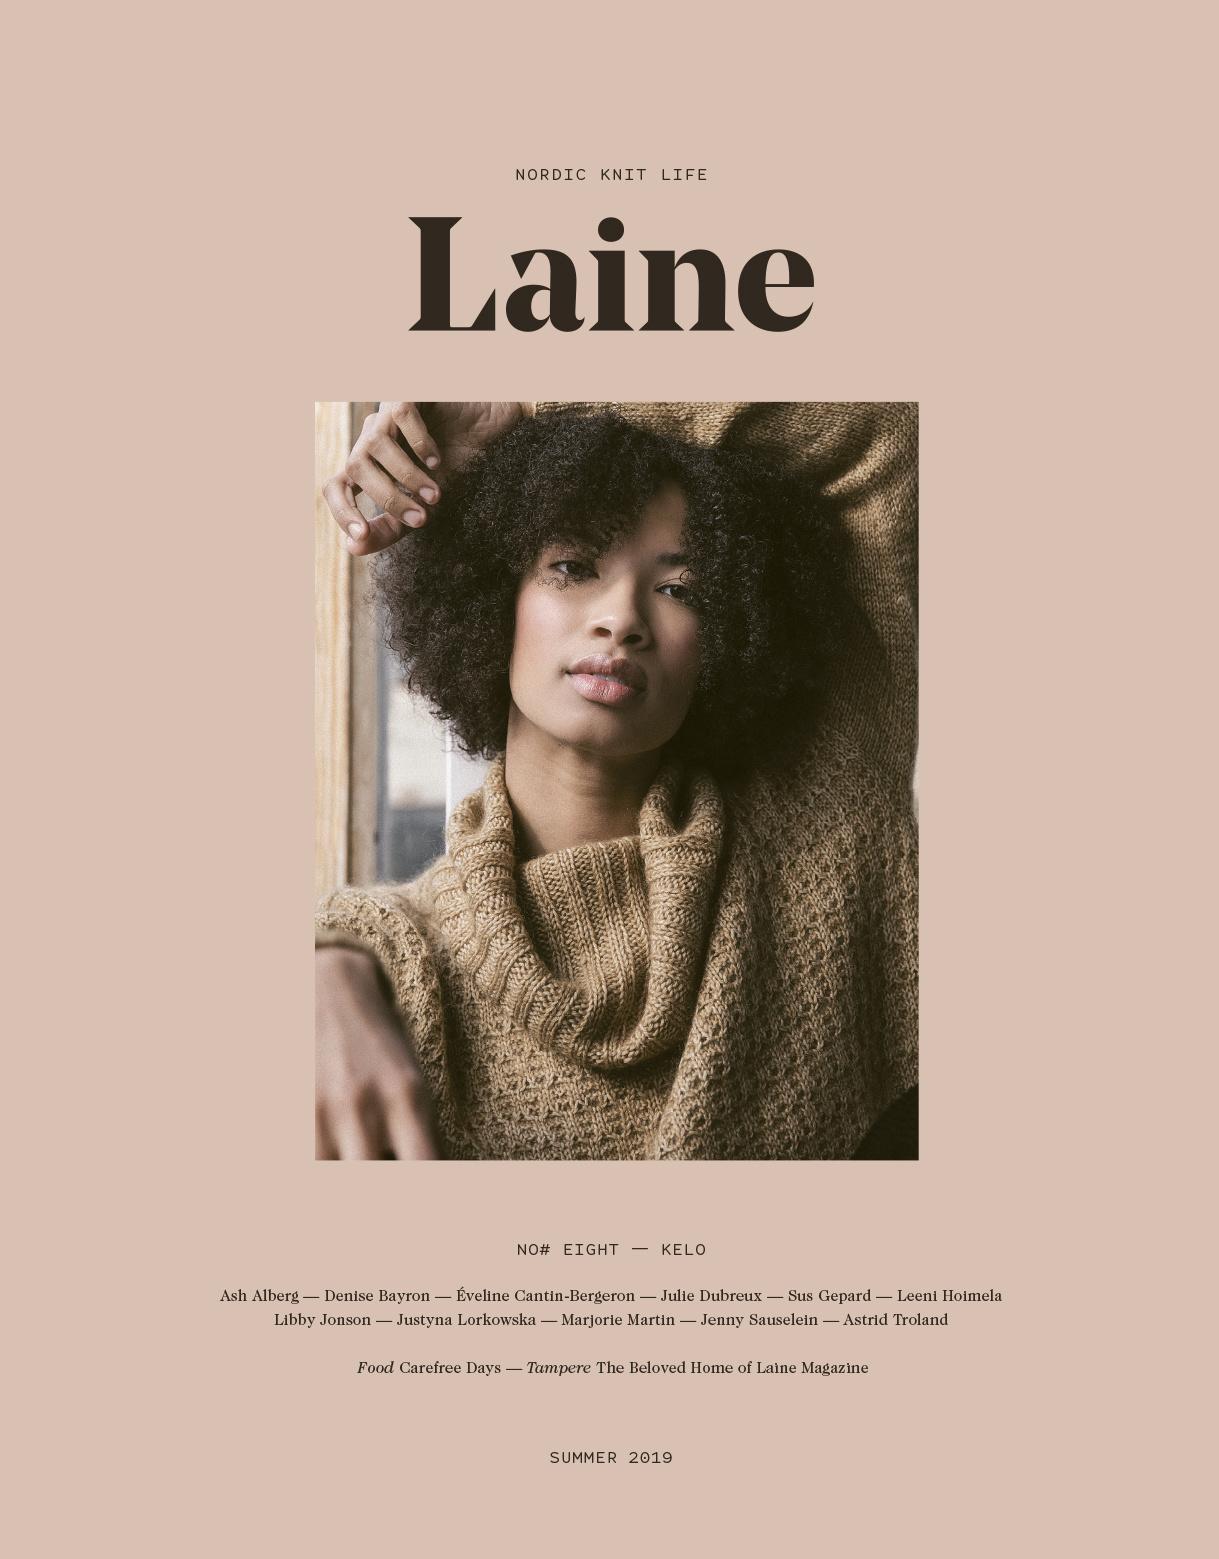 Laine Magazine Laine Magazine, Kelo, Issue 8